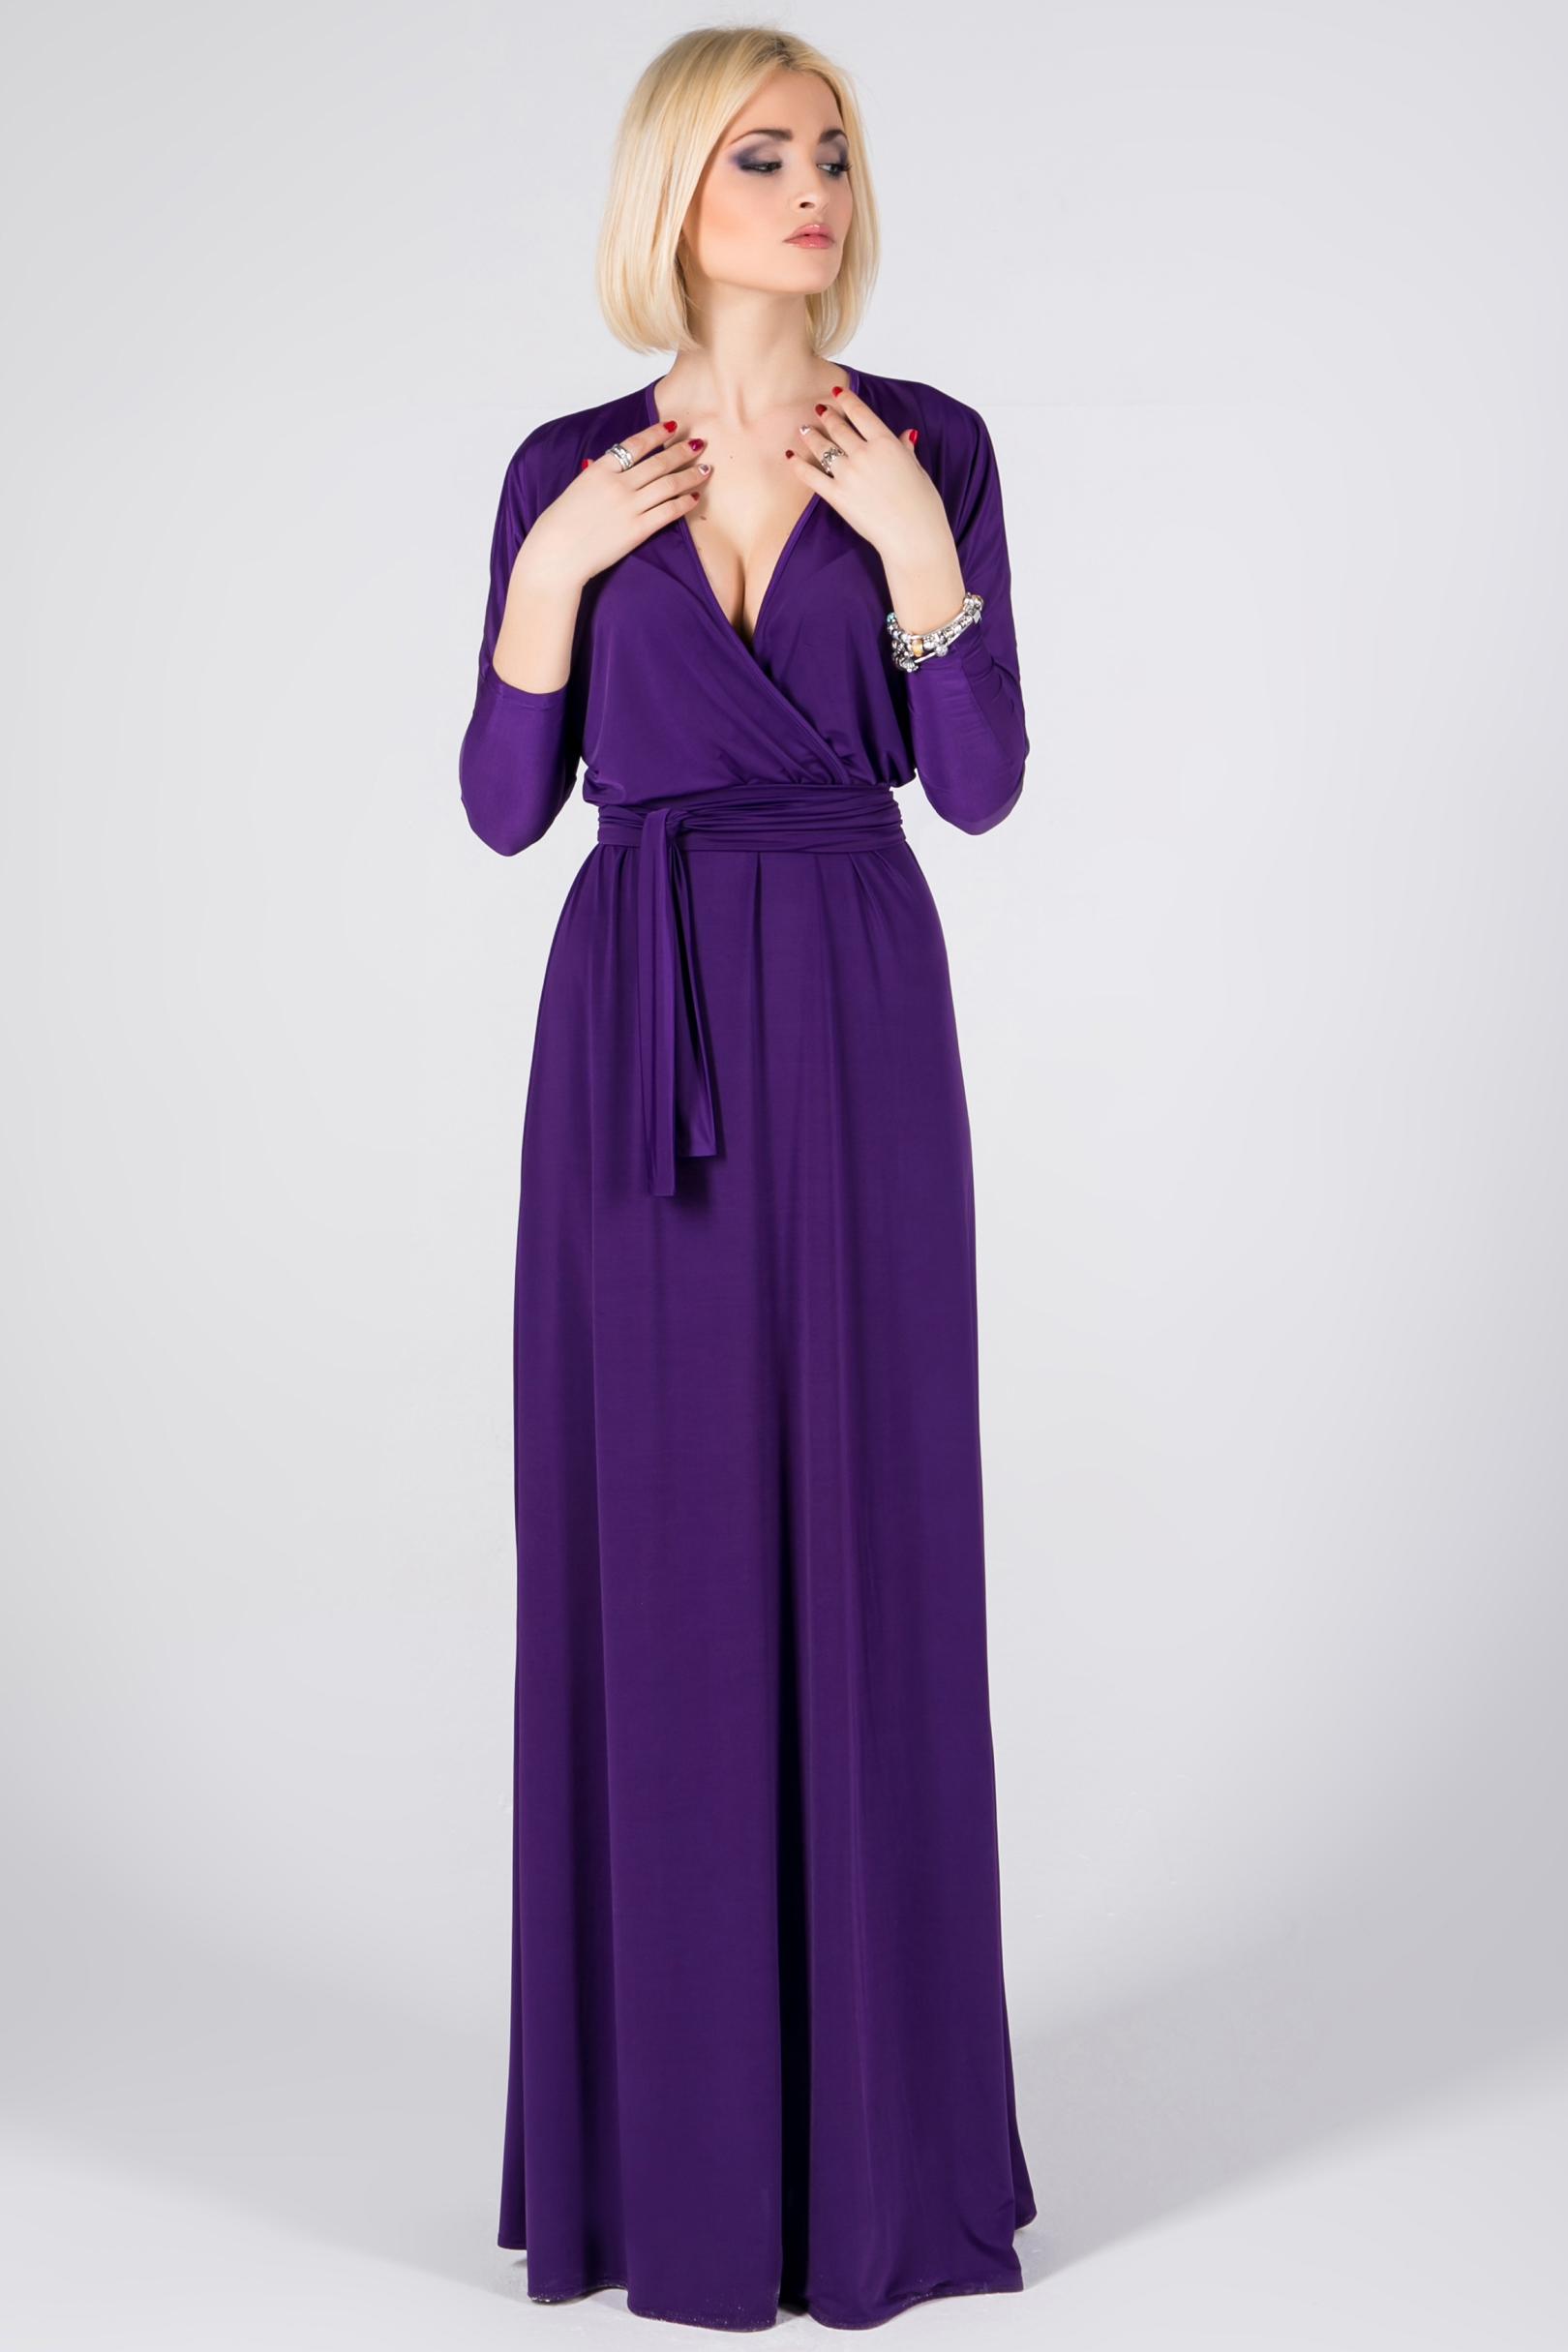 длинное платье фиолетовое фото